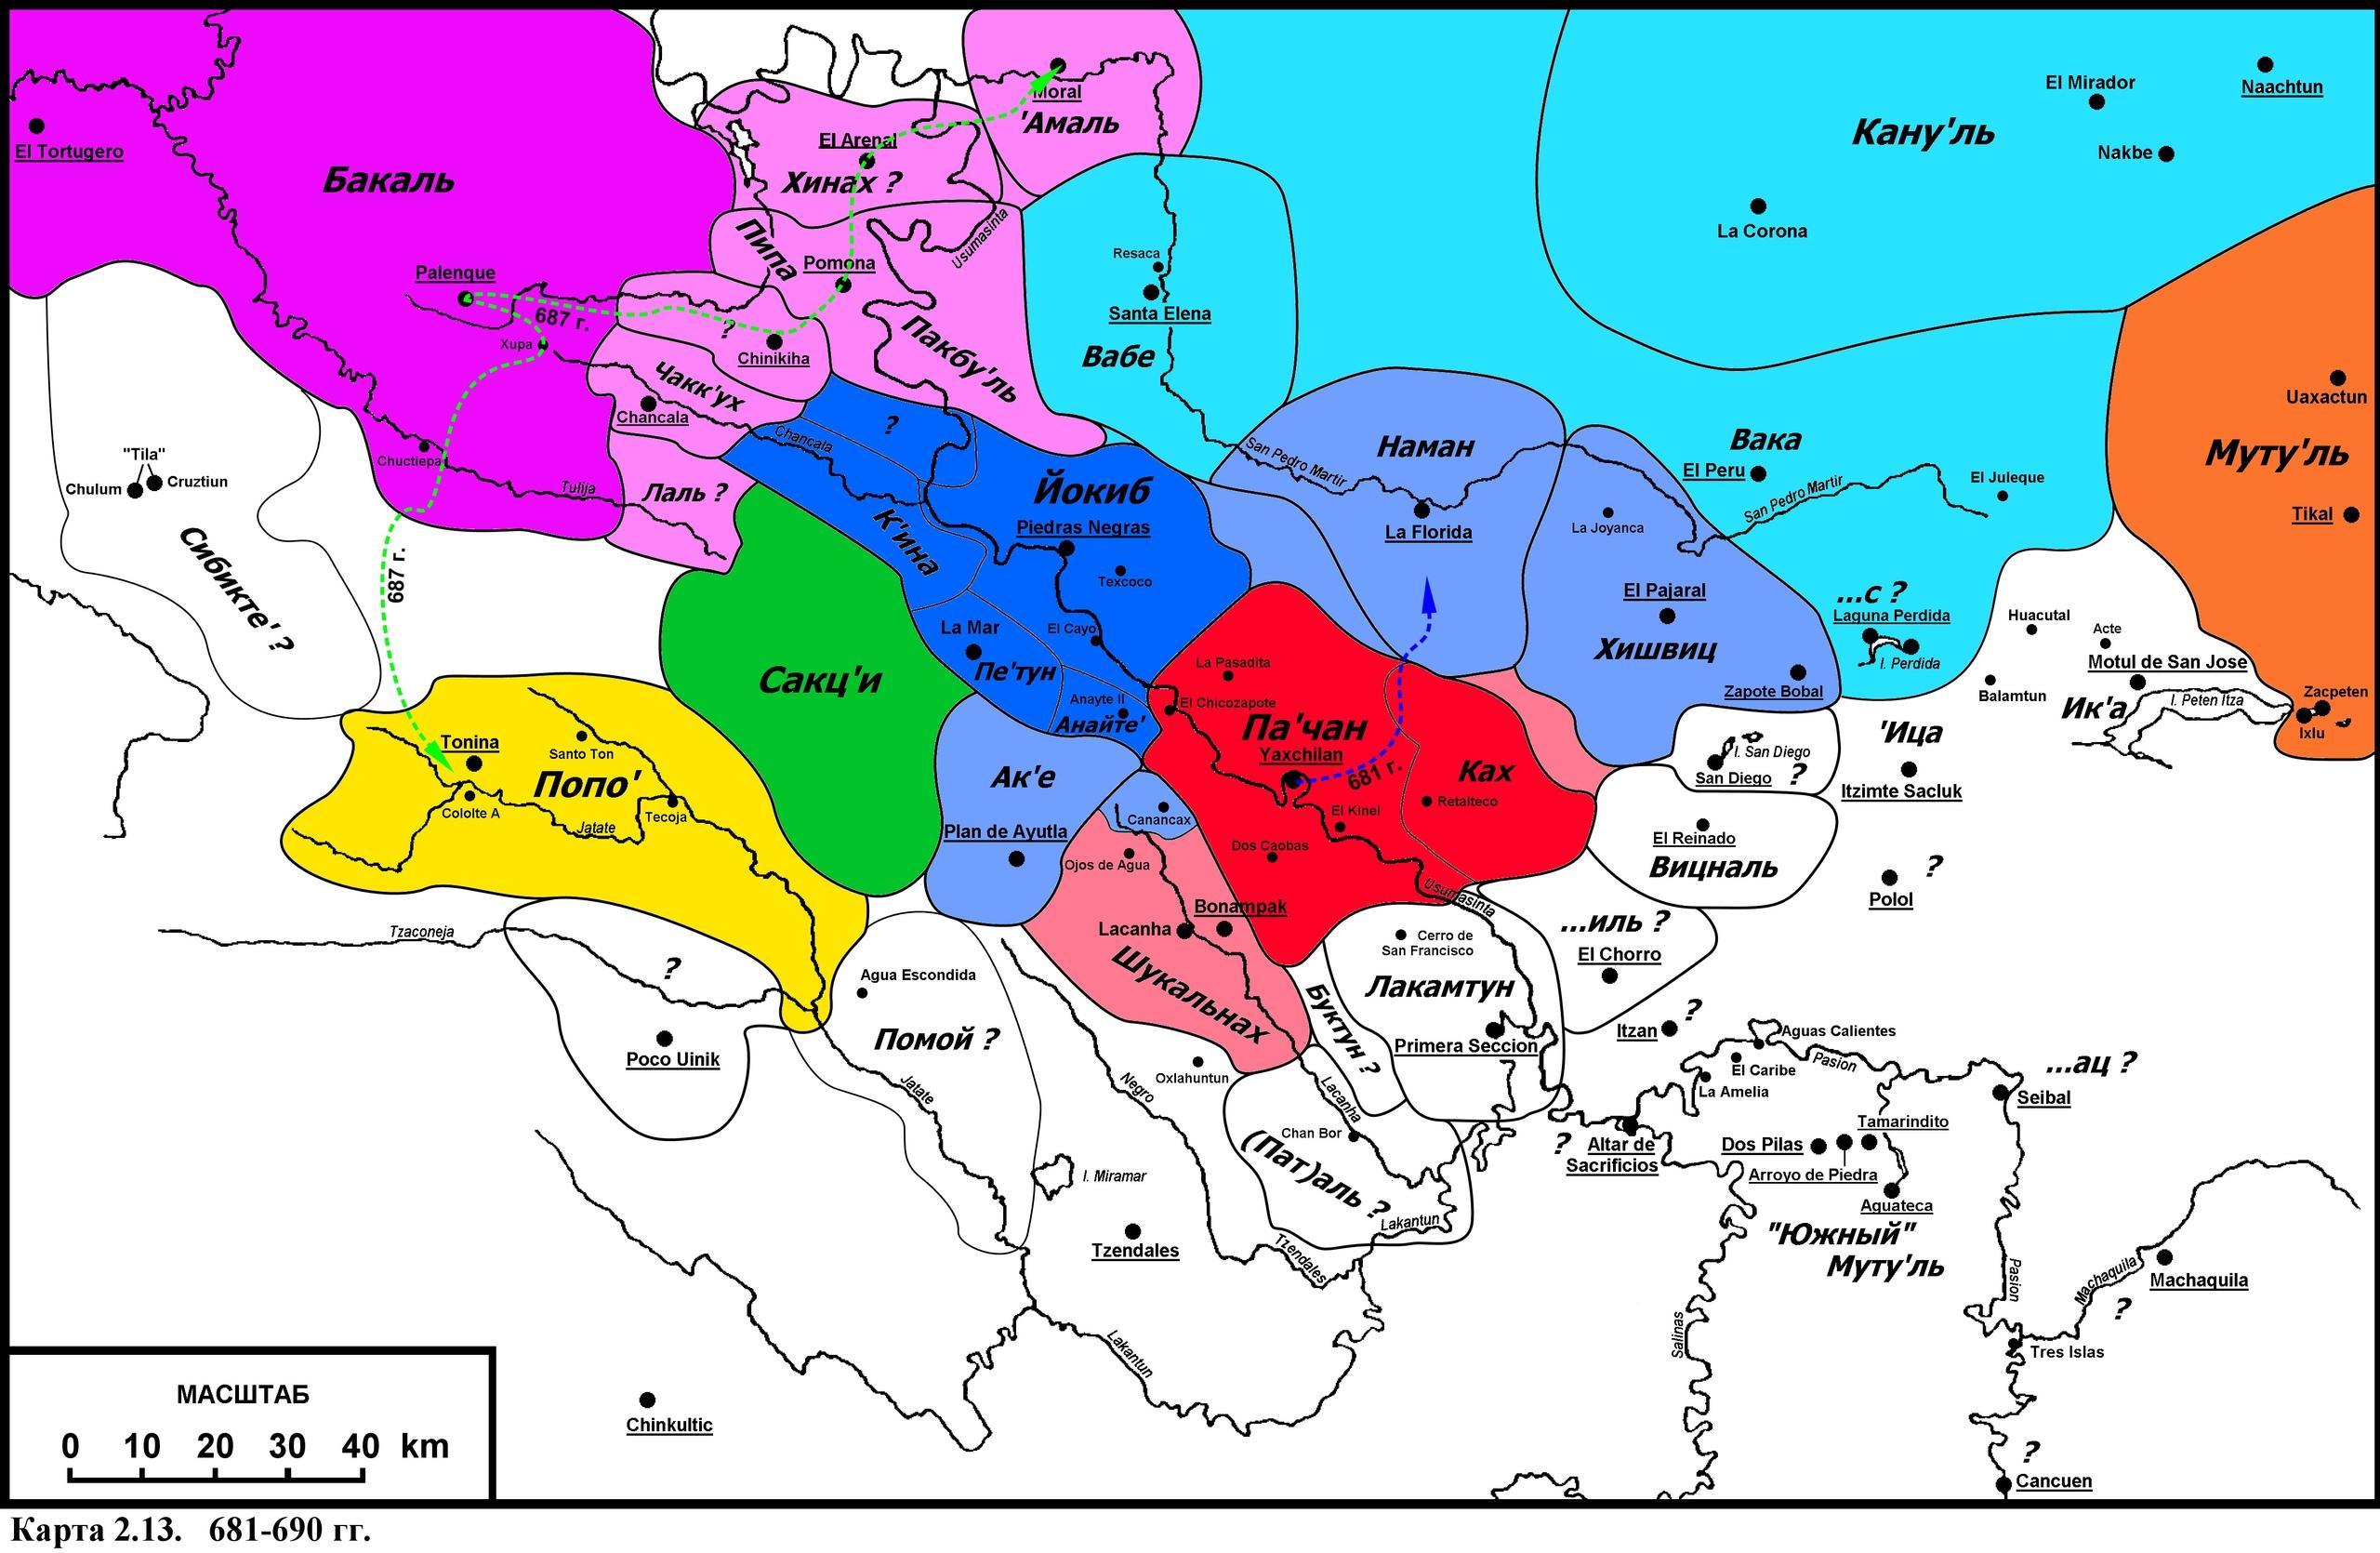 Конец гегемонии Кану'ля. Поход из Паленке на Тонину в 687 г.